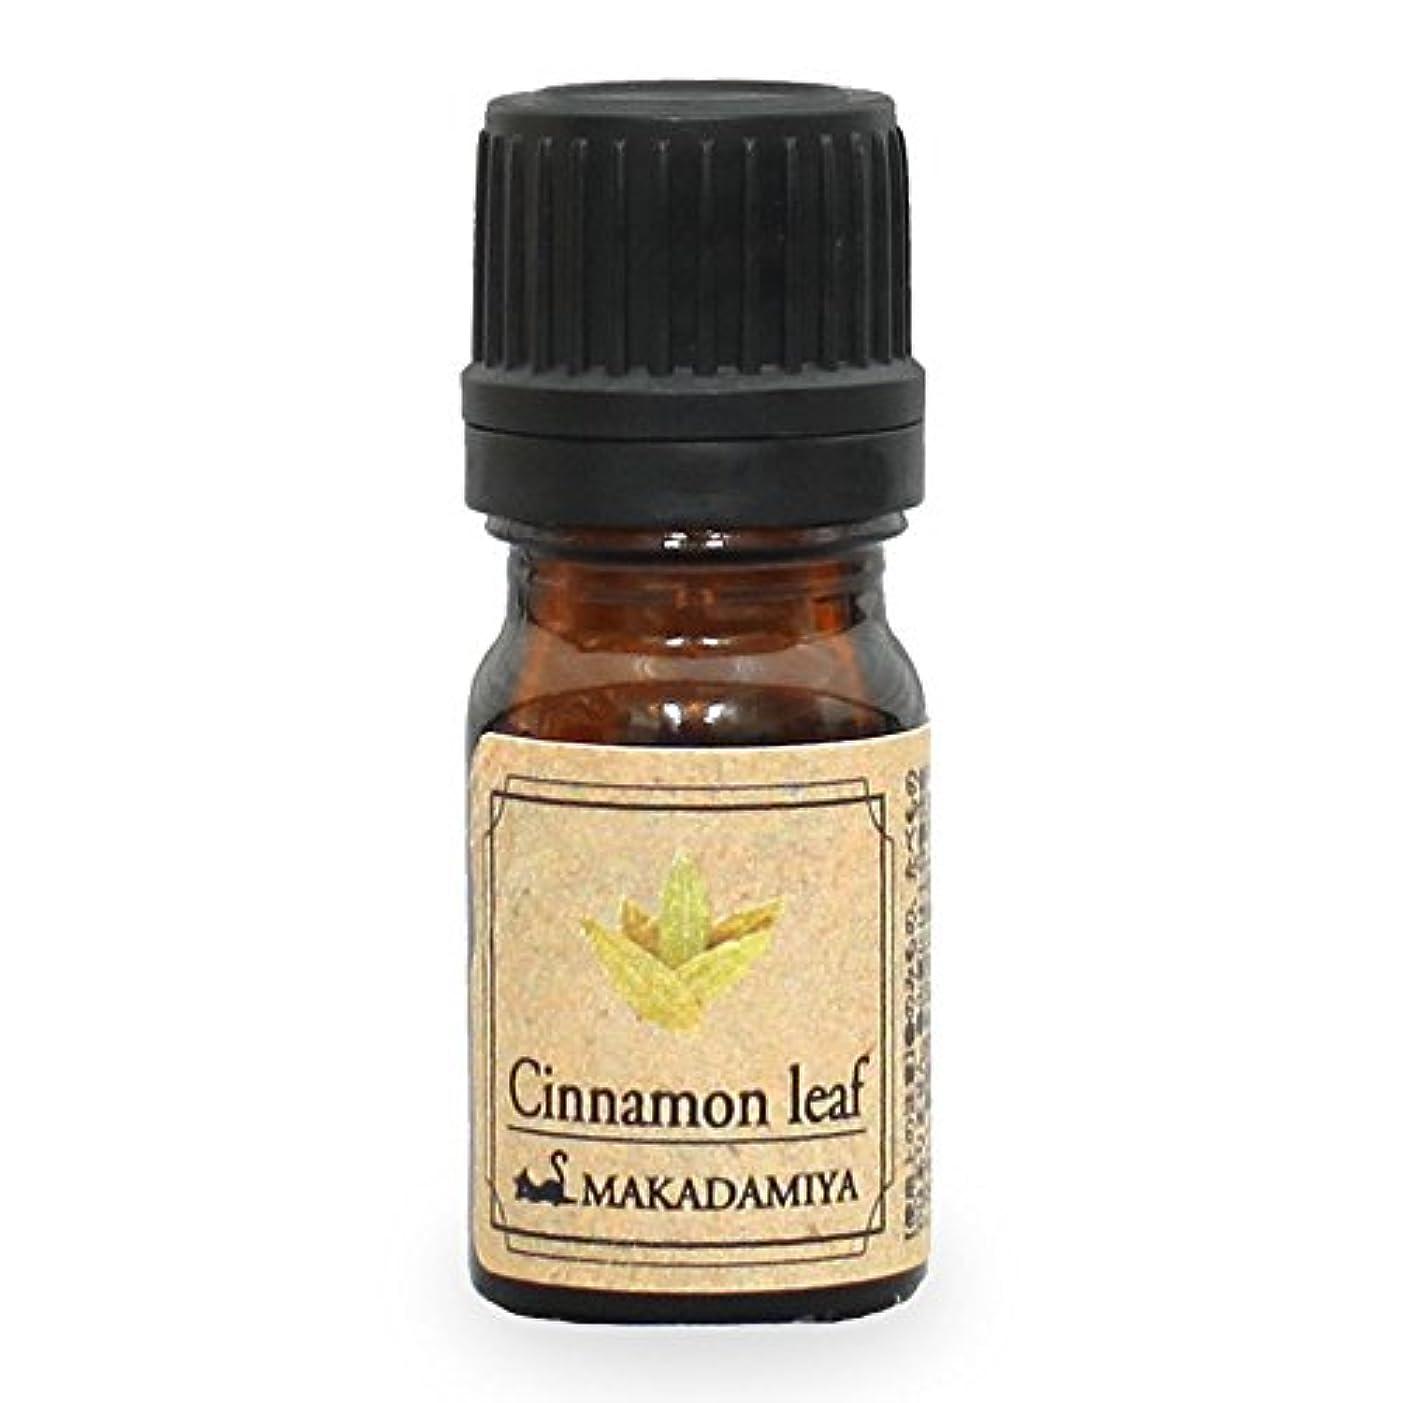 自然公園トラブル落ち込んでいるシナモンリーフ5ml天然100%植物性エッセンシャルオイル(精油)アロマオイルアロママッサージアロマテラピーaroma Cinnamon leaf